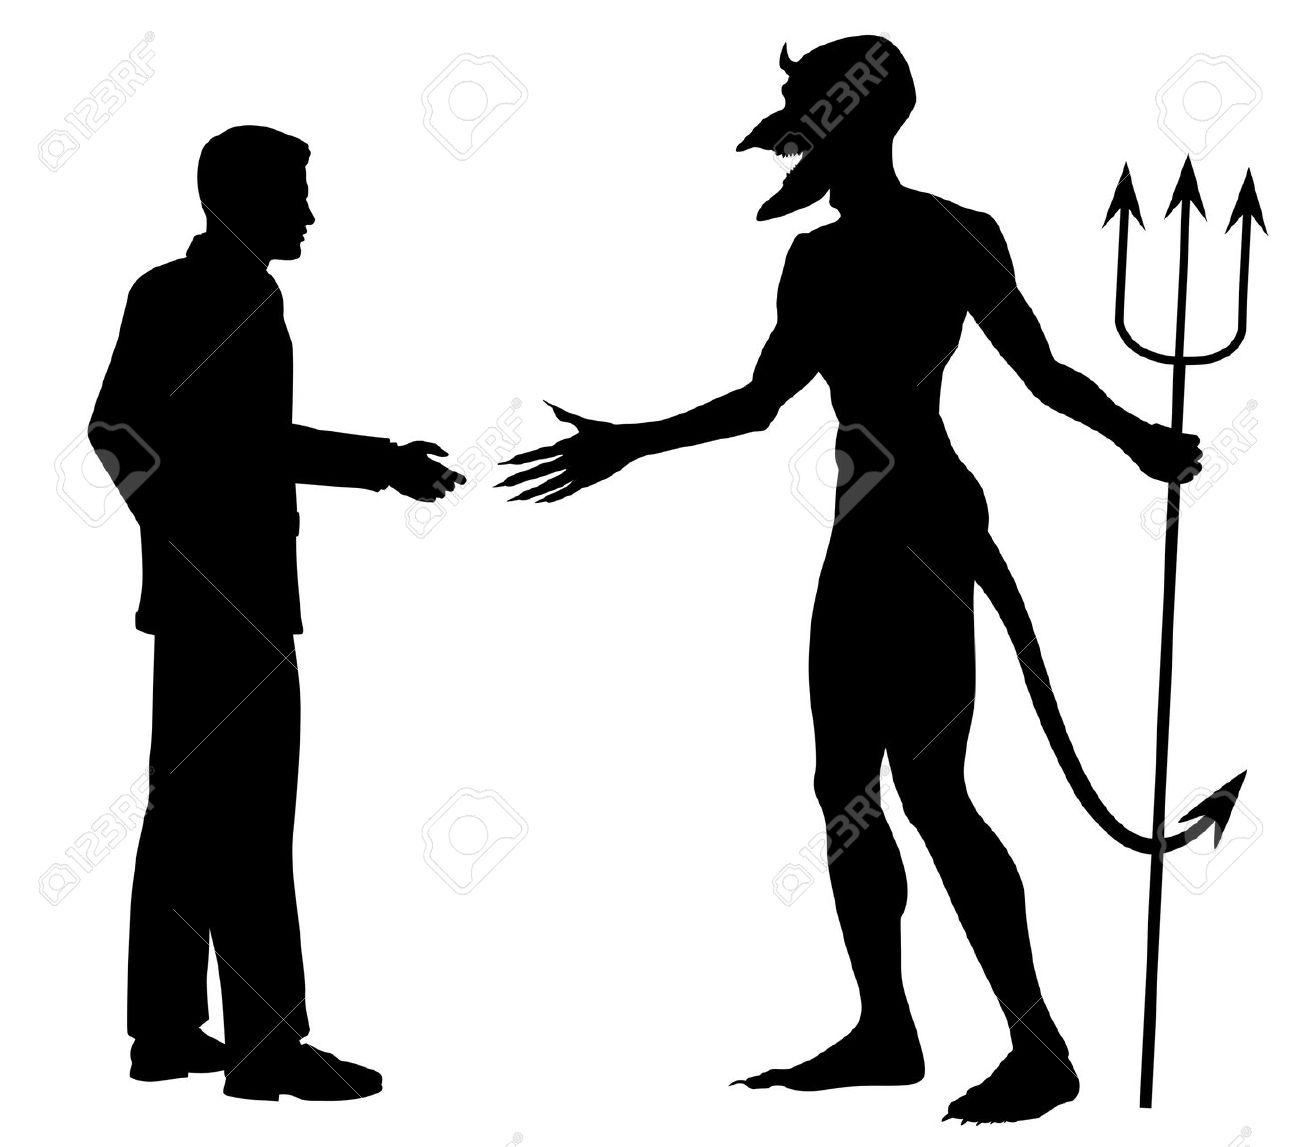 Serrer la main clipart picture freeuse stock Silhouette Vectoriel éditable D'un Homme Hésitant à Se Serrer La ... picture freeuse stock